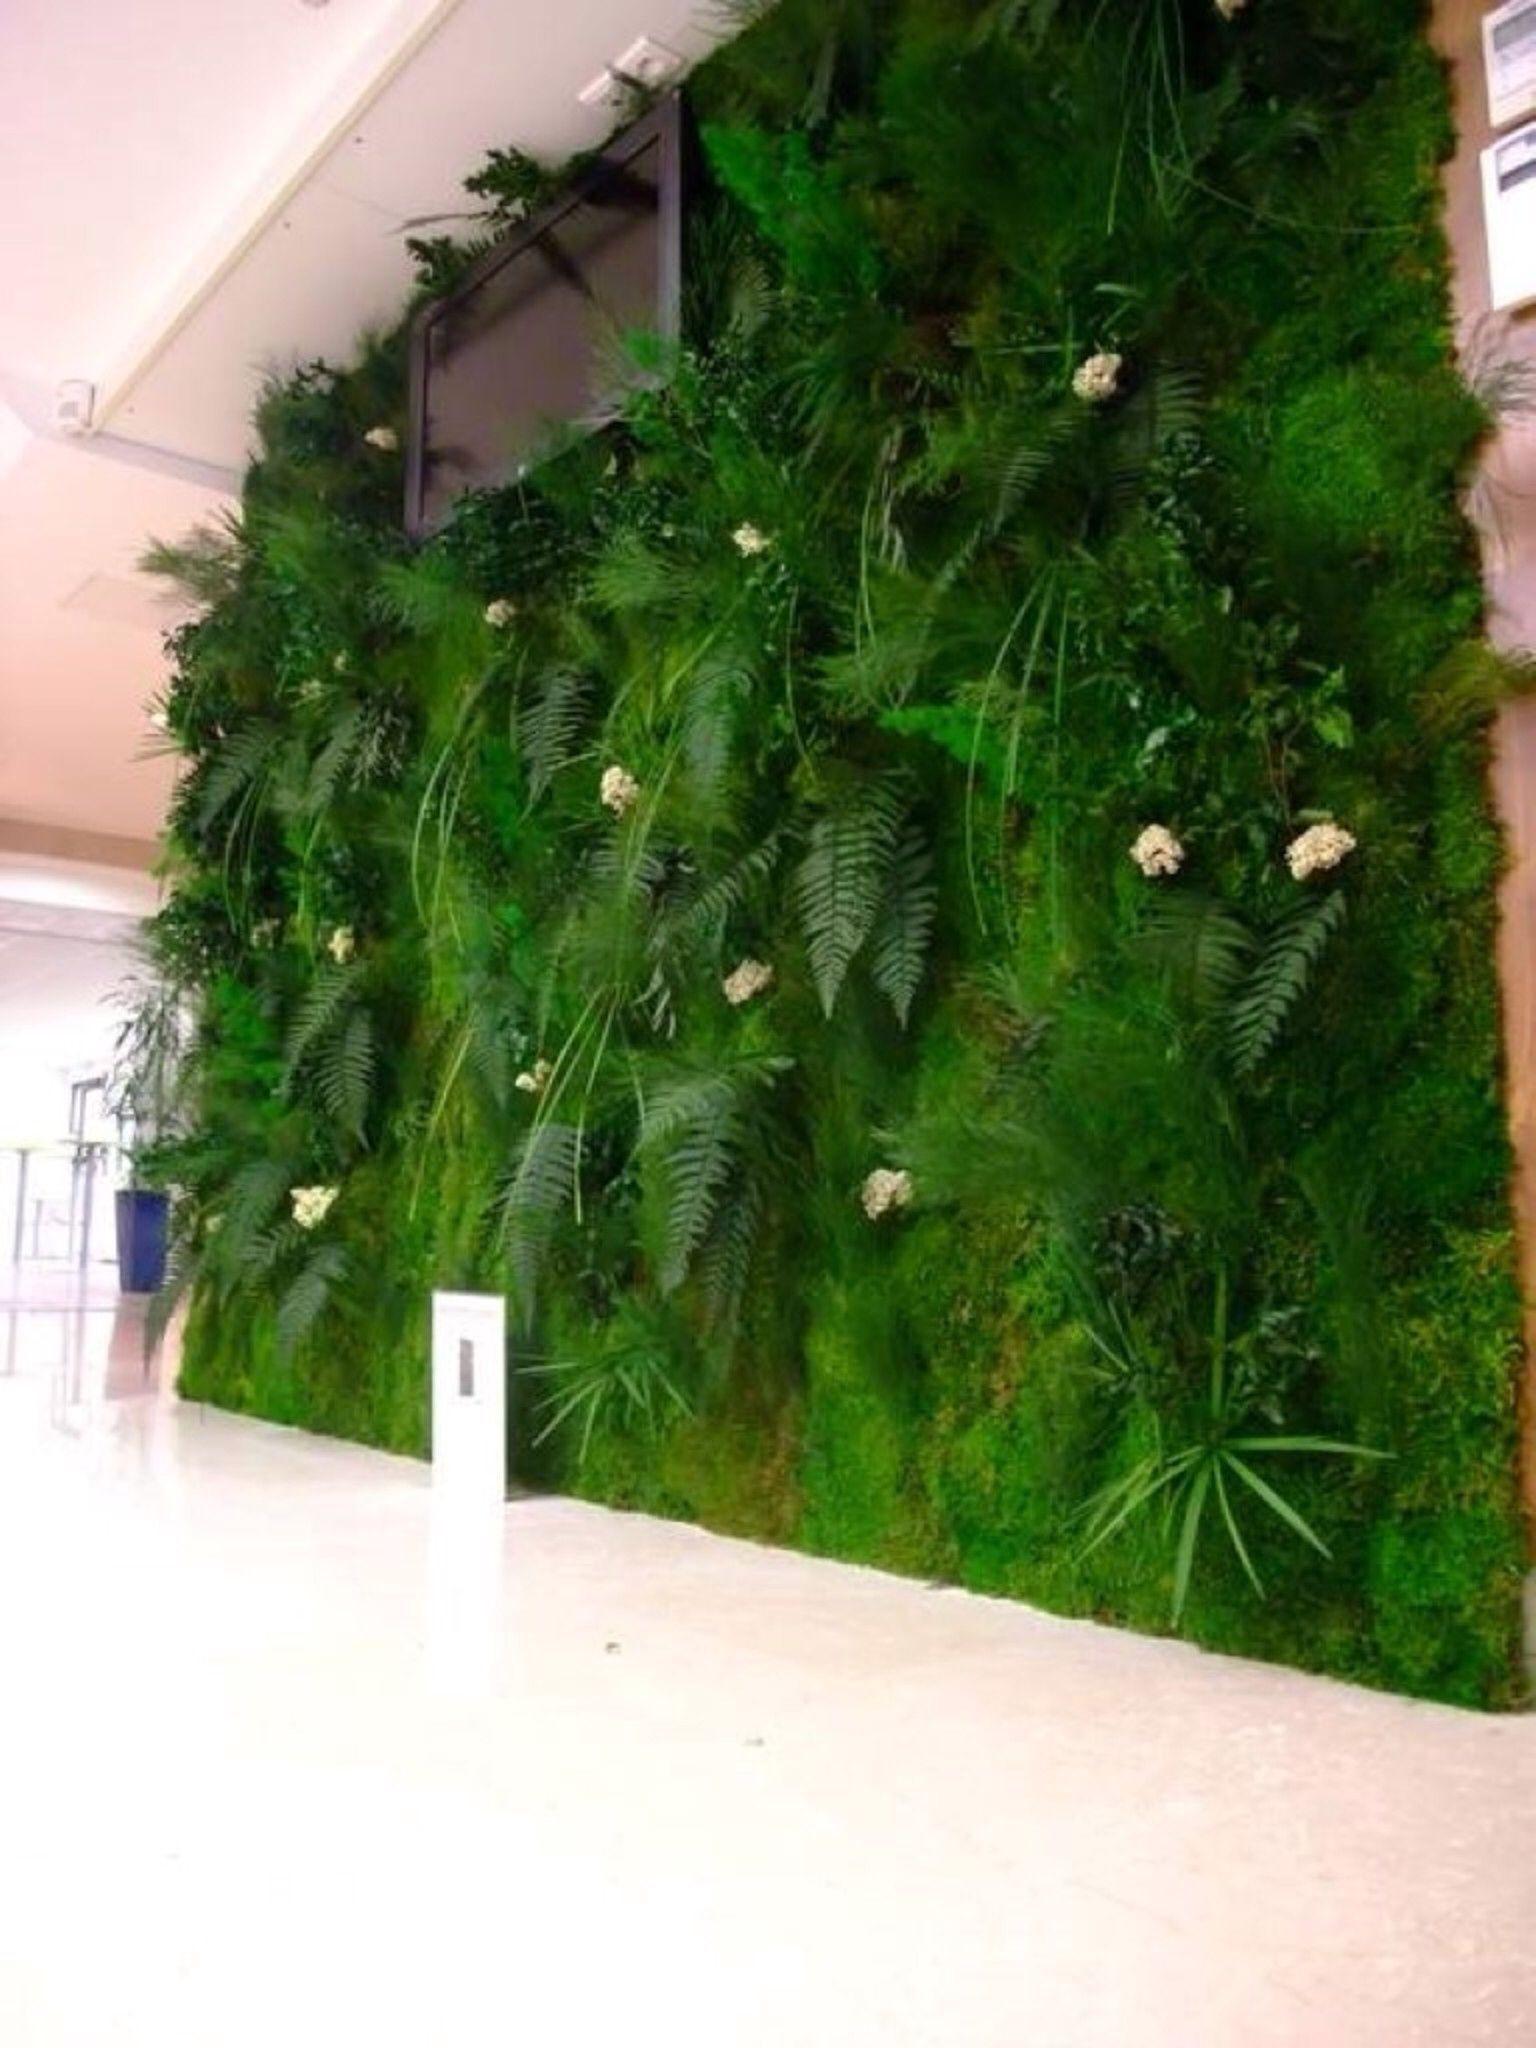 Voile Hivernage Botanic Beau Stock Etourdissant Hivernage Bassin Exterieur Idée En Les Famille